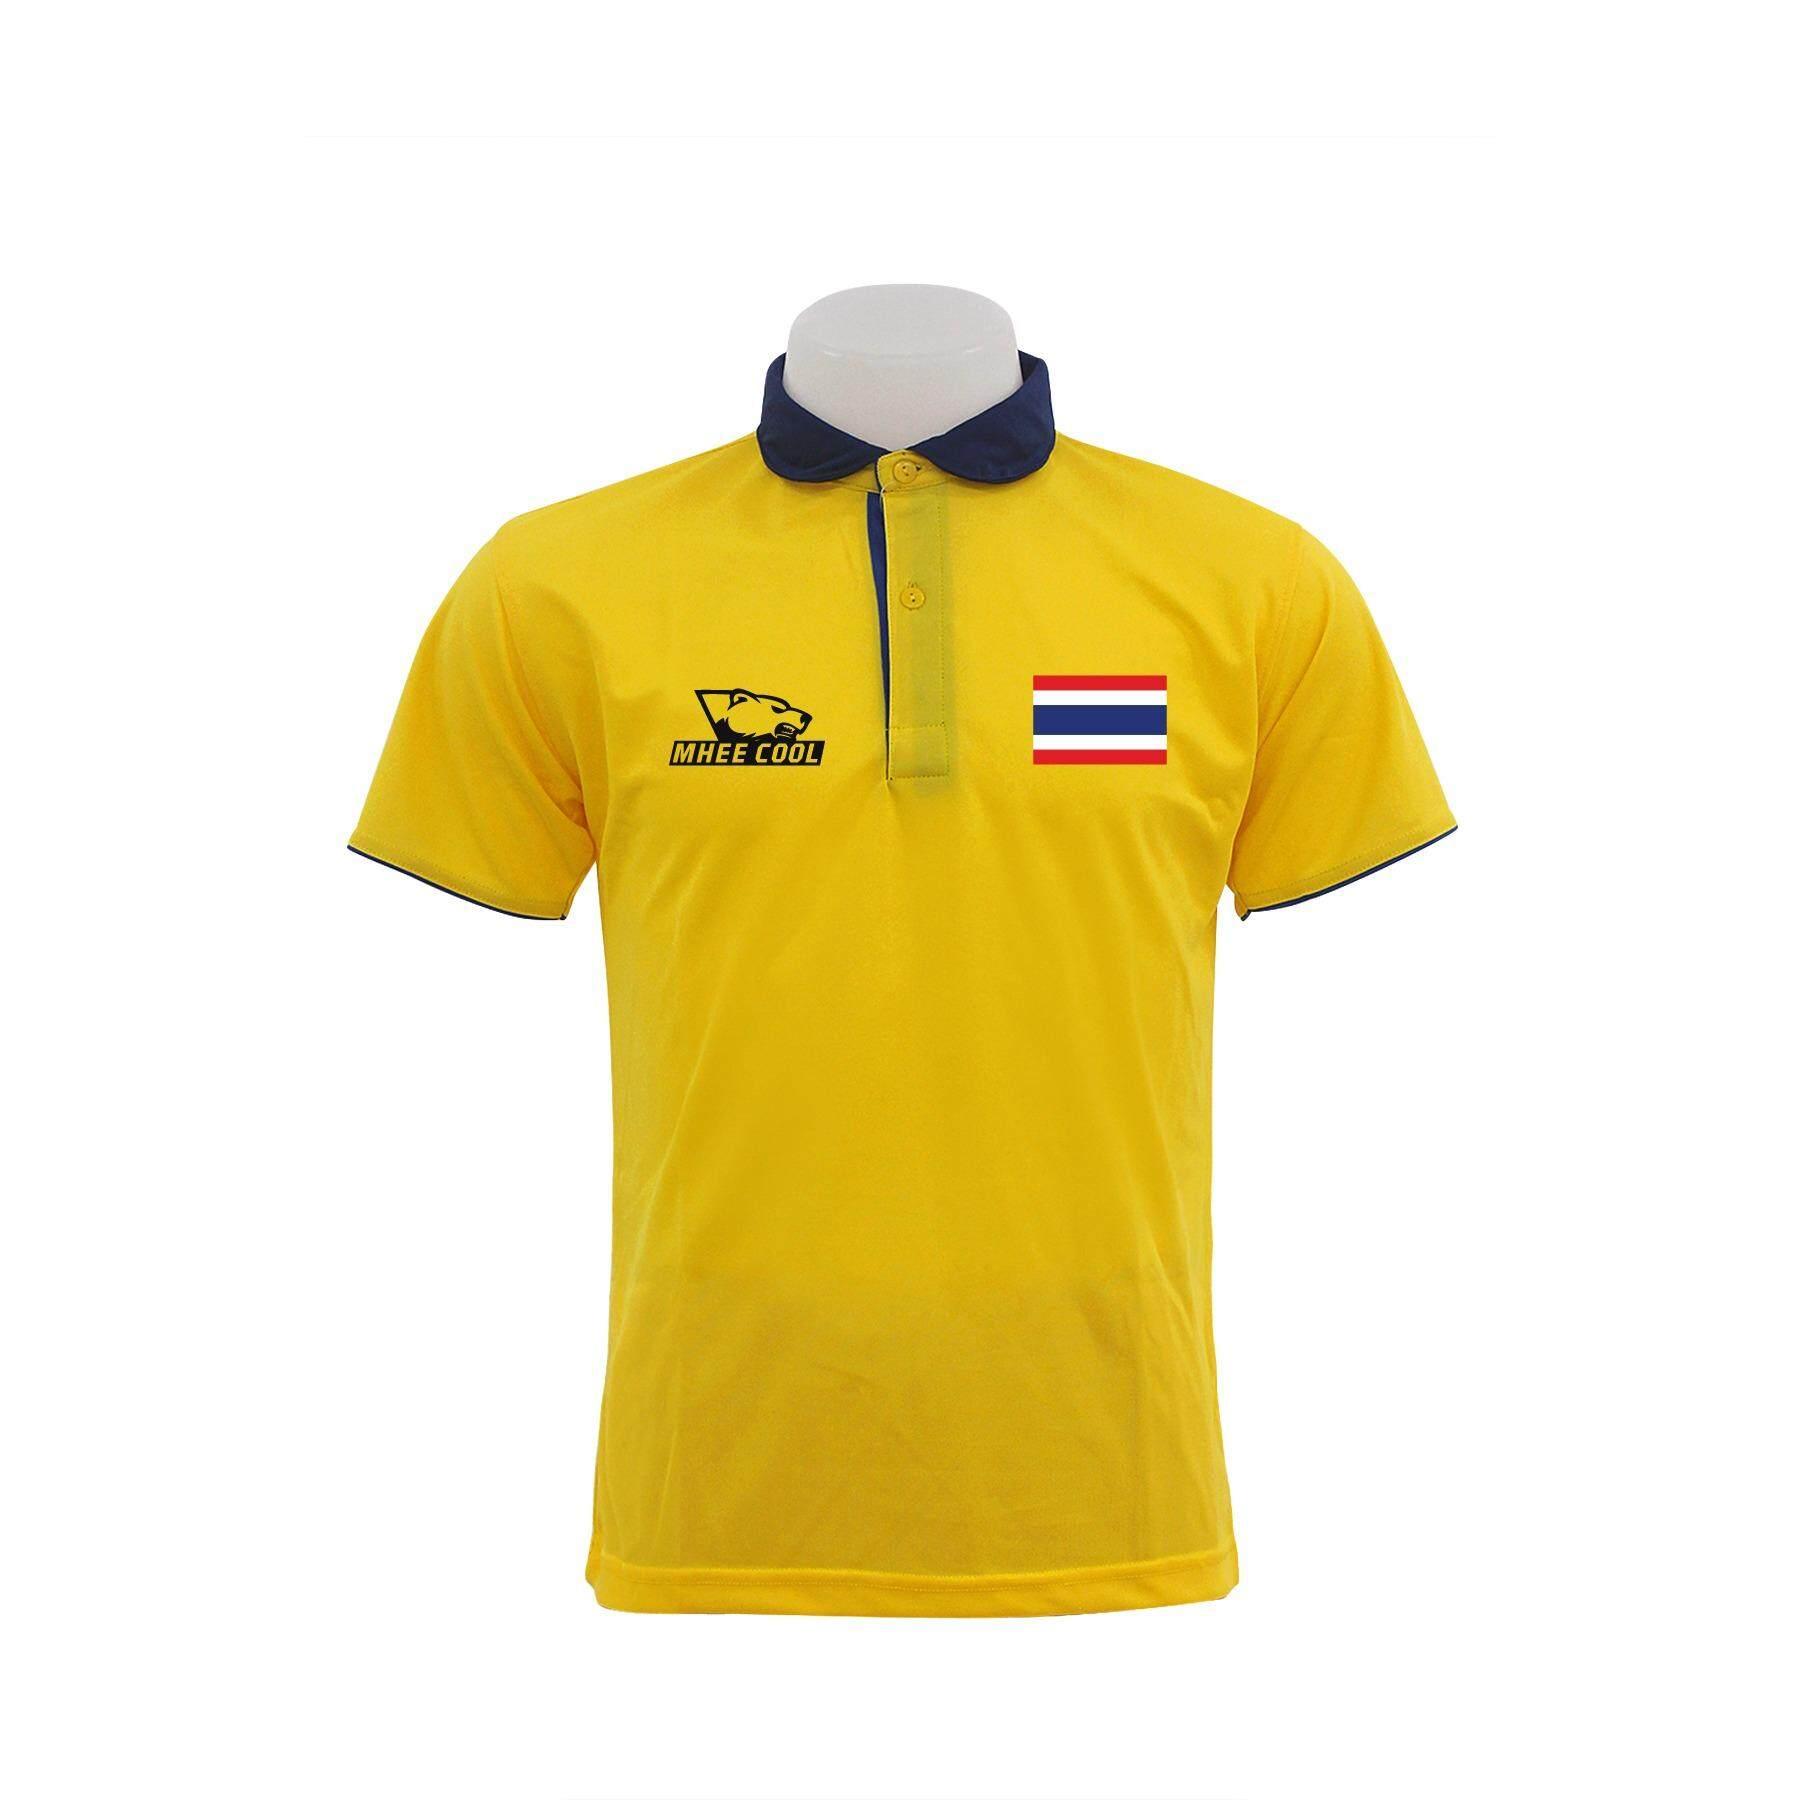 ขาย Mheecool เสื้อโปโลทีมชาติ สีเหลือง Mheecool ผู้ค้าส่ง